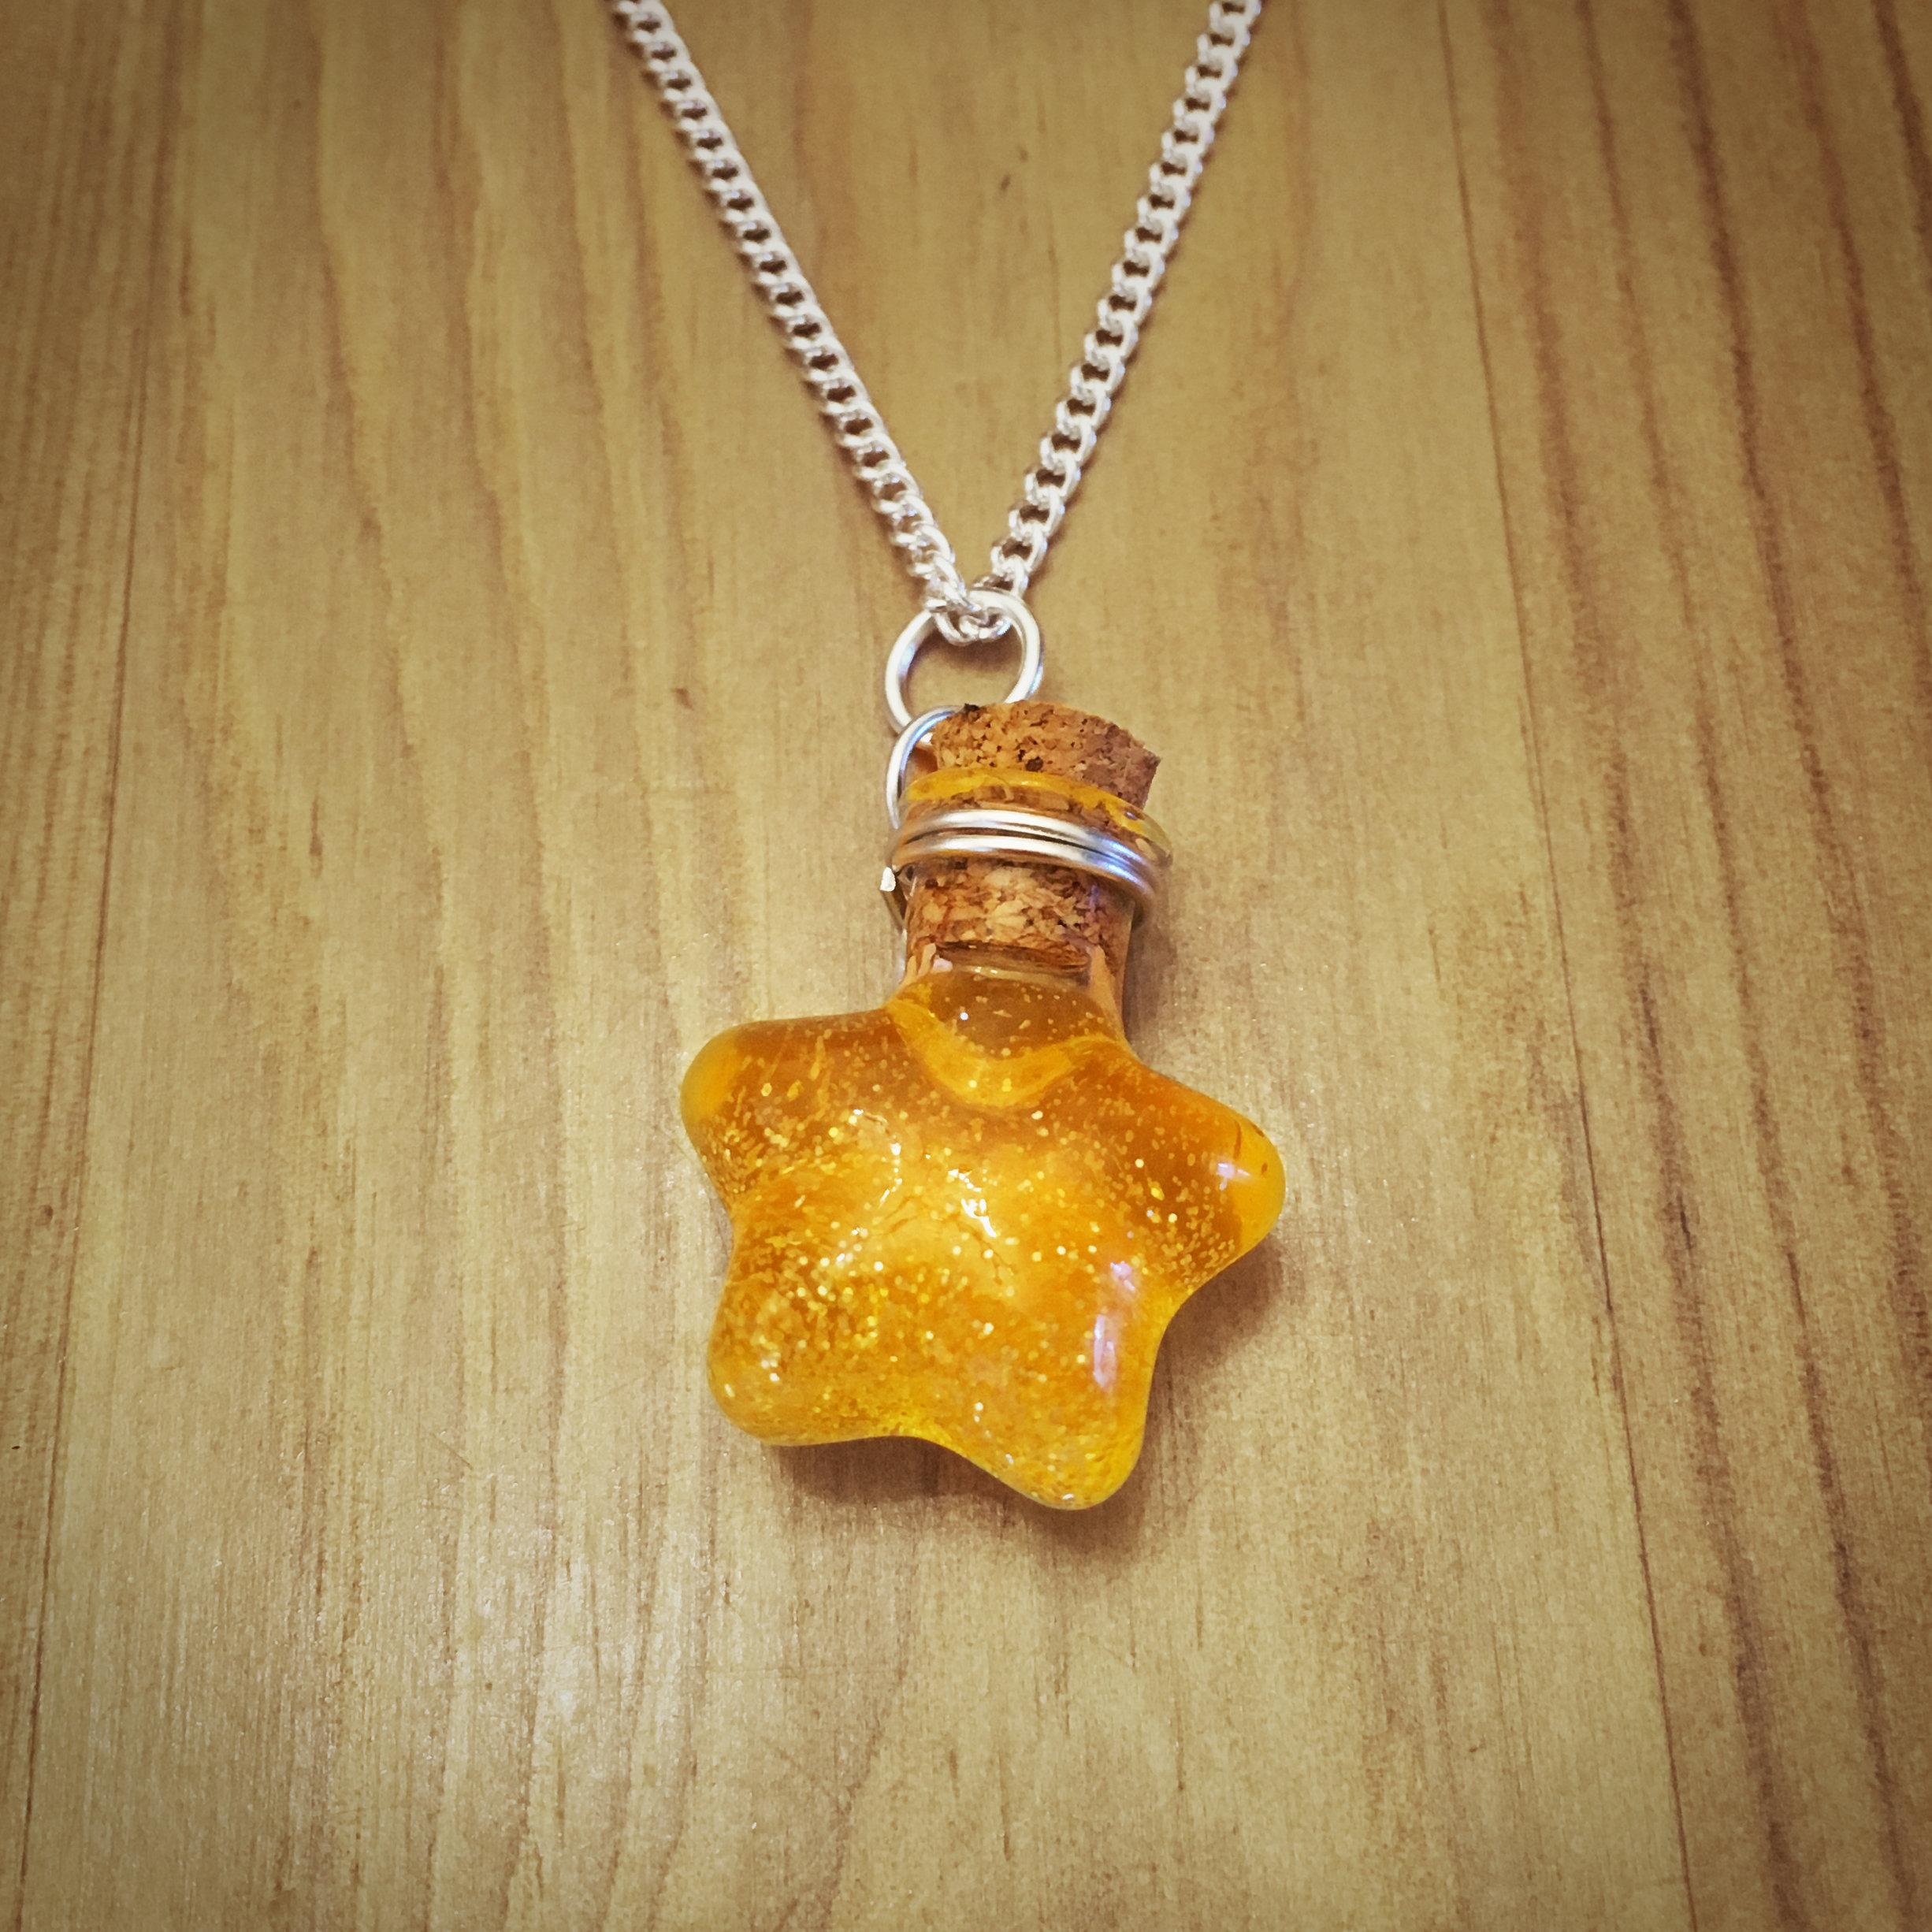 Potion Necklace - Star Potion003